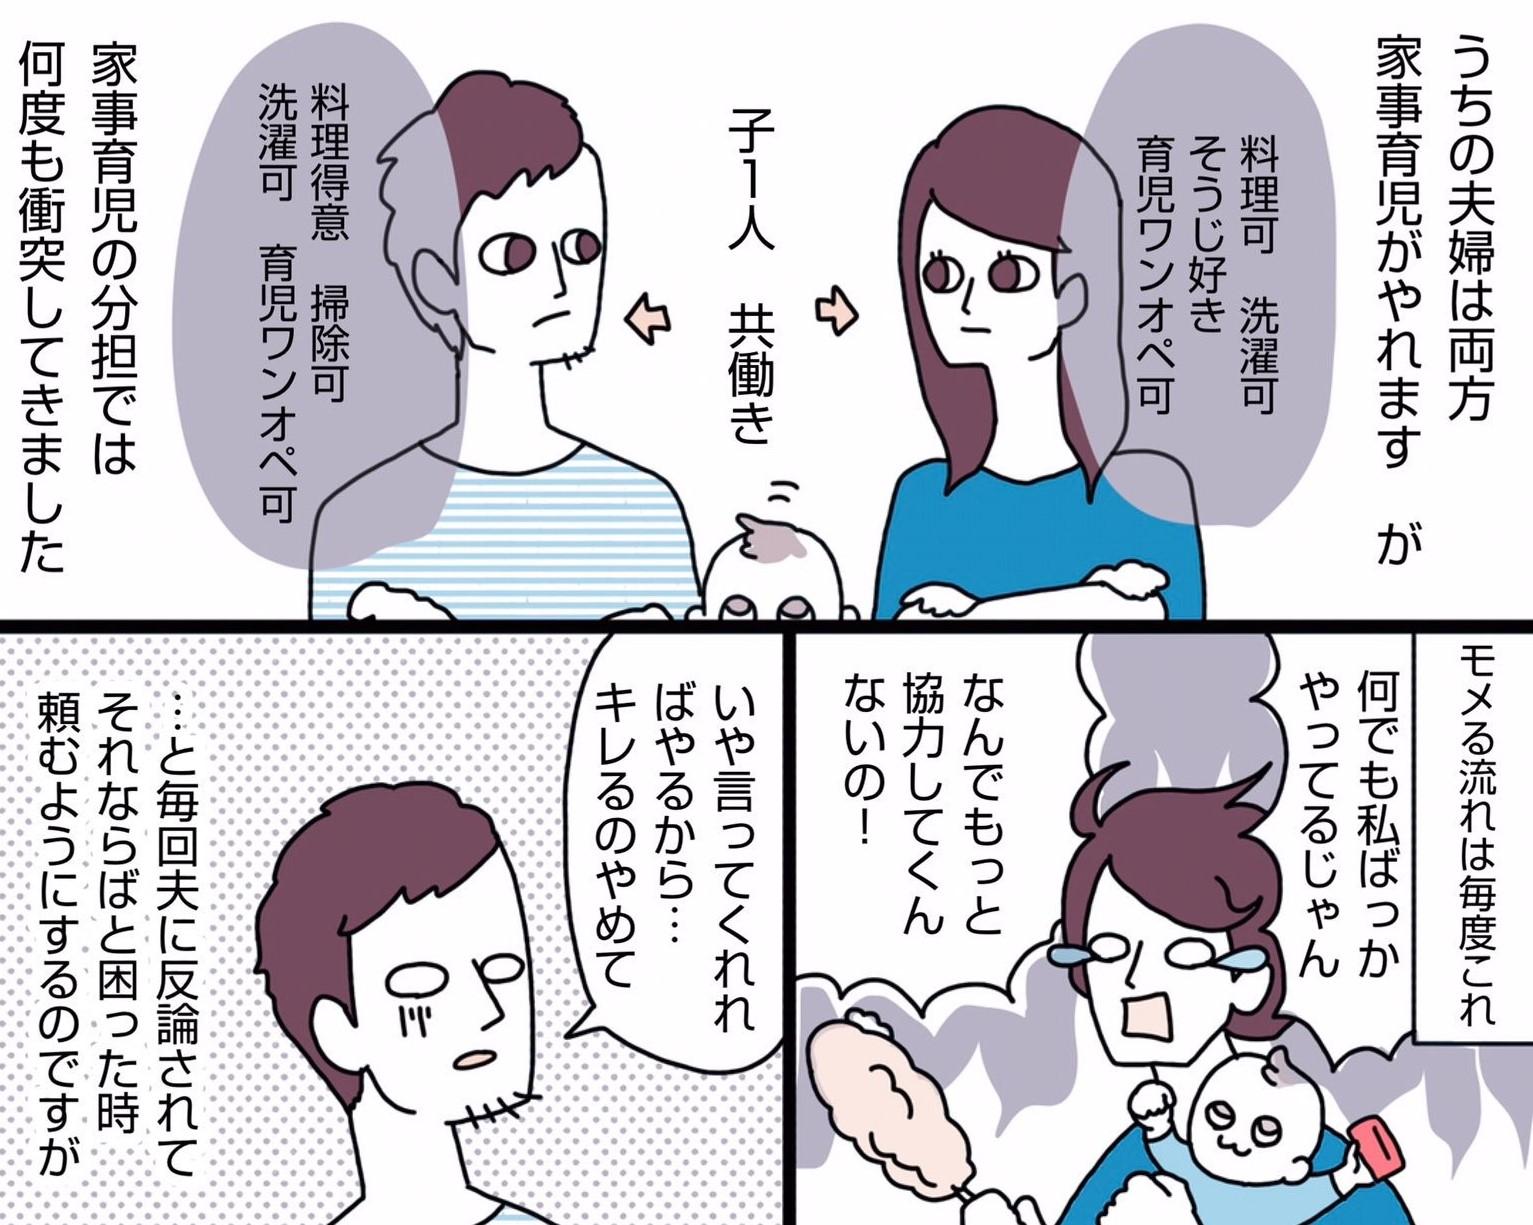 描き子さんが描いた漫画のワンシーン【画像提供:描き子(@kaqico)さん】